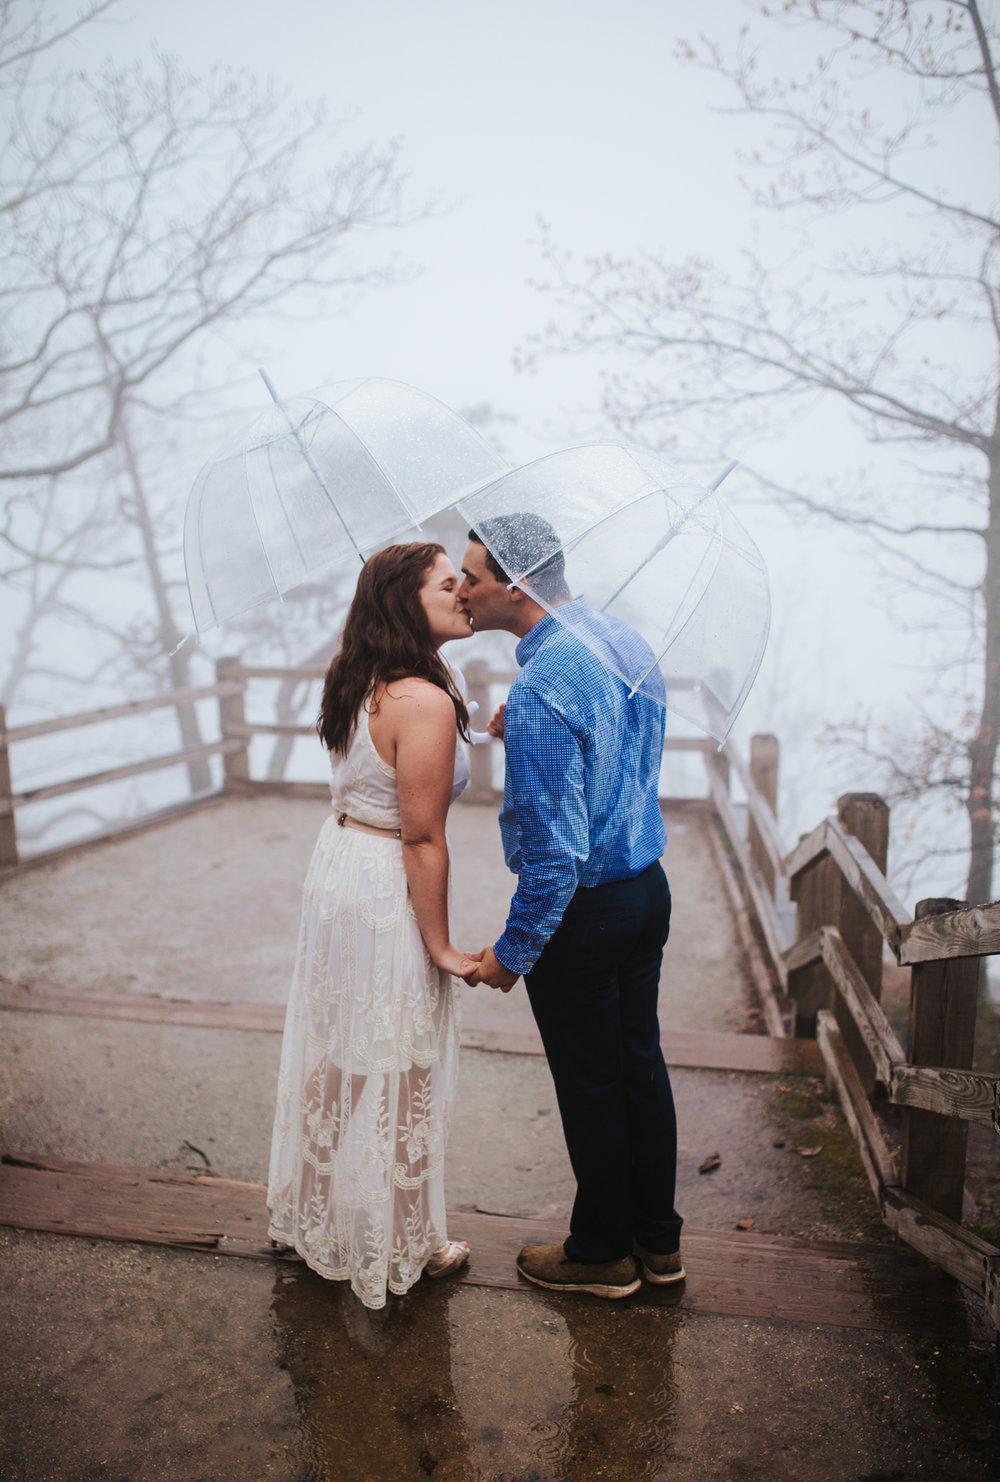 Rainy Engagement Session at Pilot Mountain by Kayli LaFon Photography